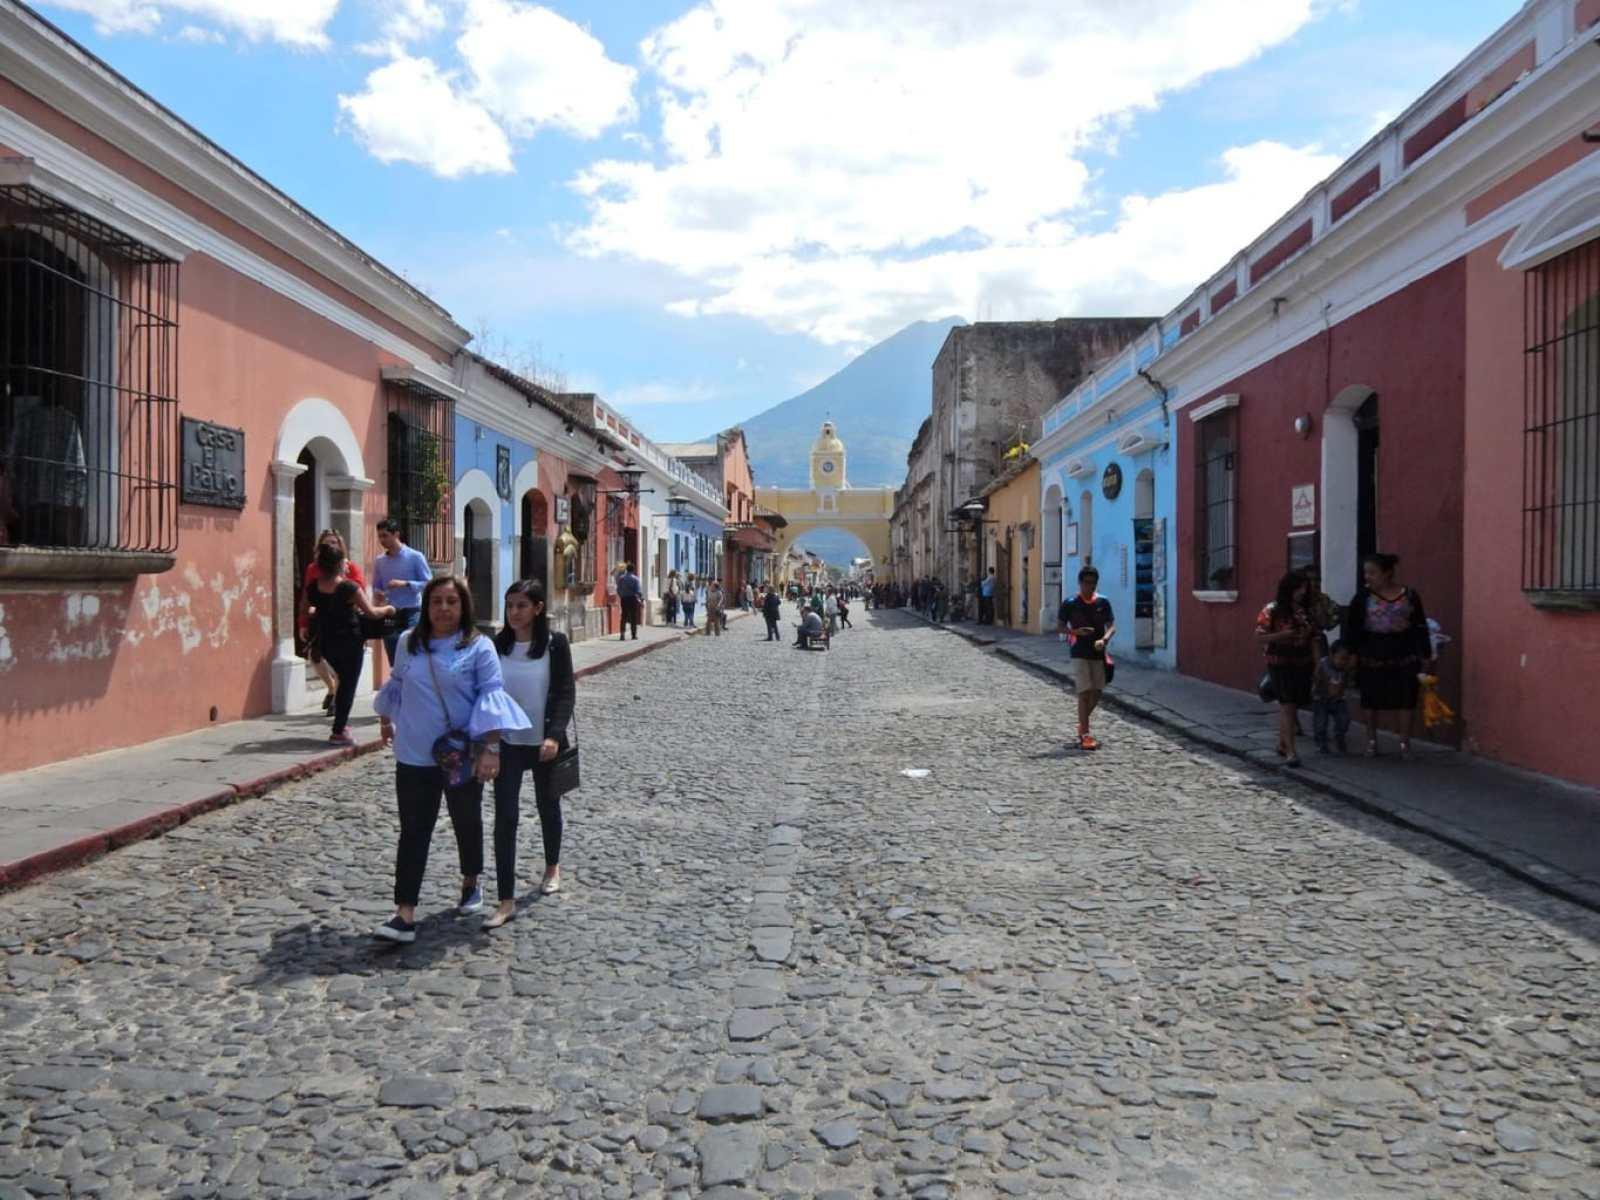 5th Ave, Antigua Guatemala